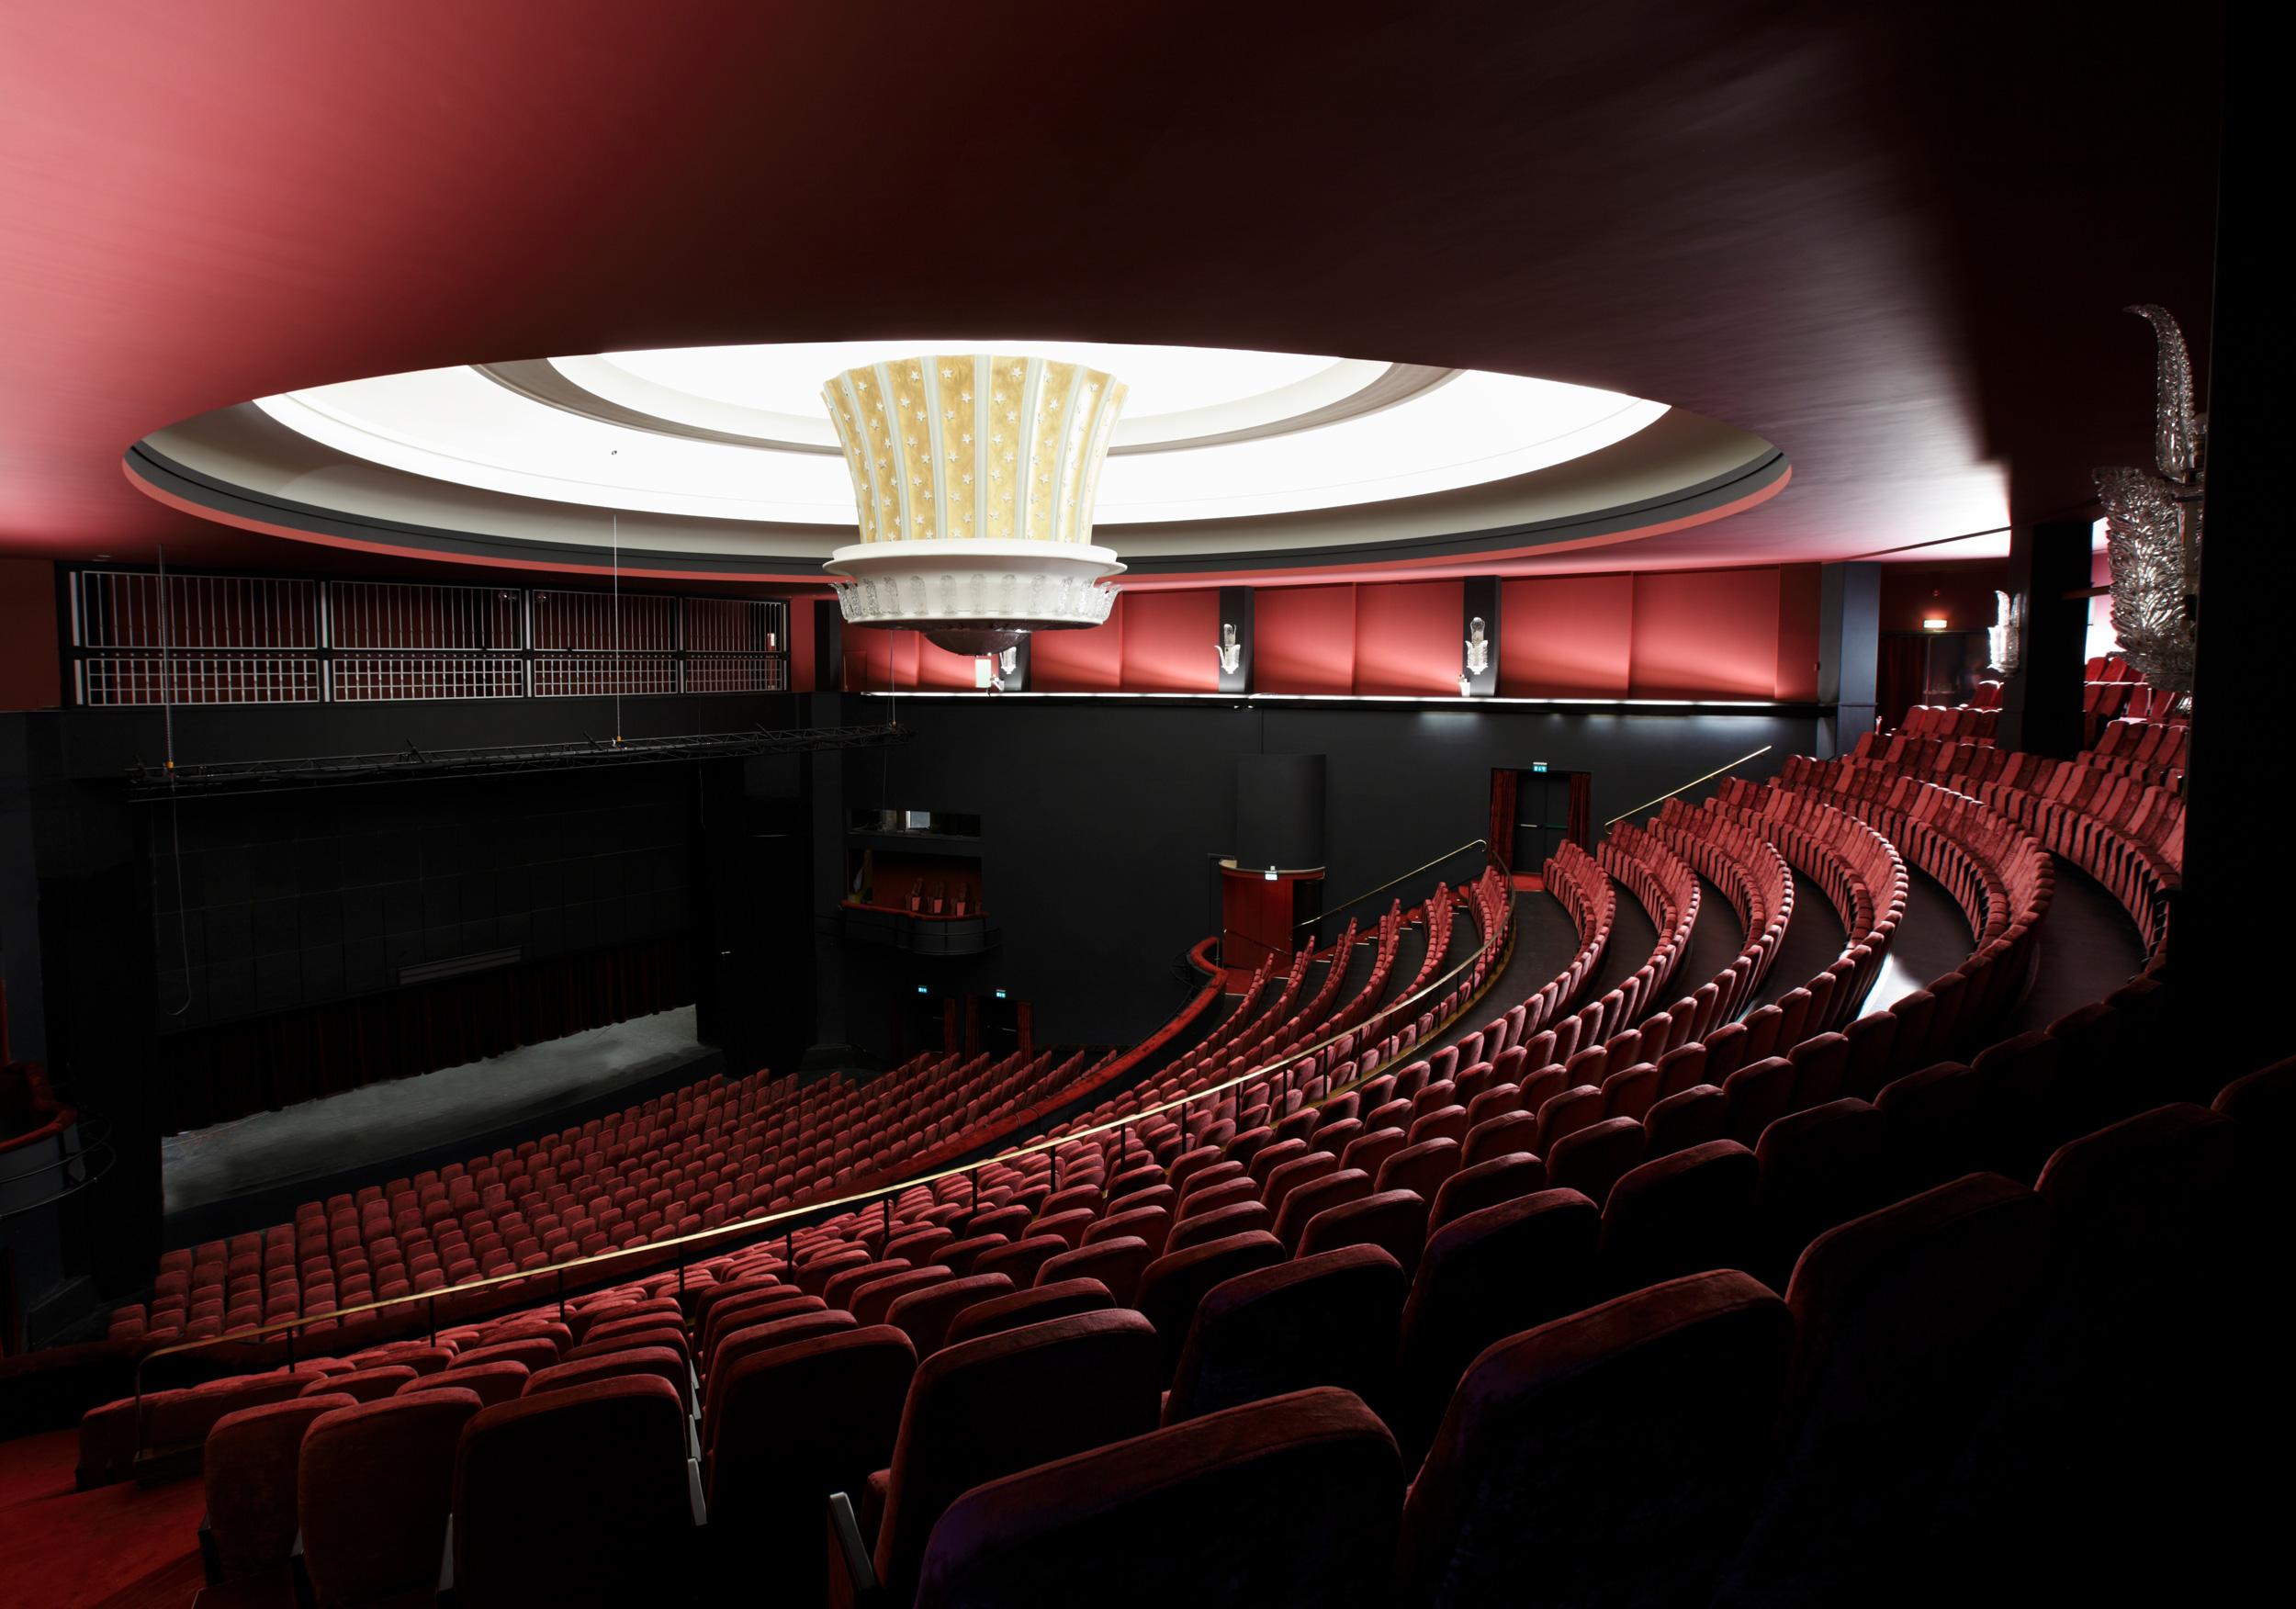 1918, 1935 & 2009 - Siden åpningen i 2009 har vi bl.a. spilt forestillingene MAMMA MIA!, Buddy Holly, WE WILL ROCK YOU, Monty Python's SPAMALOT, My Fair Lady, Annie, Billy Elliot, De tre Musketerer, Mary Poppins, Singin´ in the Rain og Les Misérables. Vi har under den samme perioden hatt besøk av nærmere 1.000.000 publikummere. I tillegg til forestillinger og show har vi også vært arena for mange store events og TV-produksjoner.Velkommen til Folketeateret!